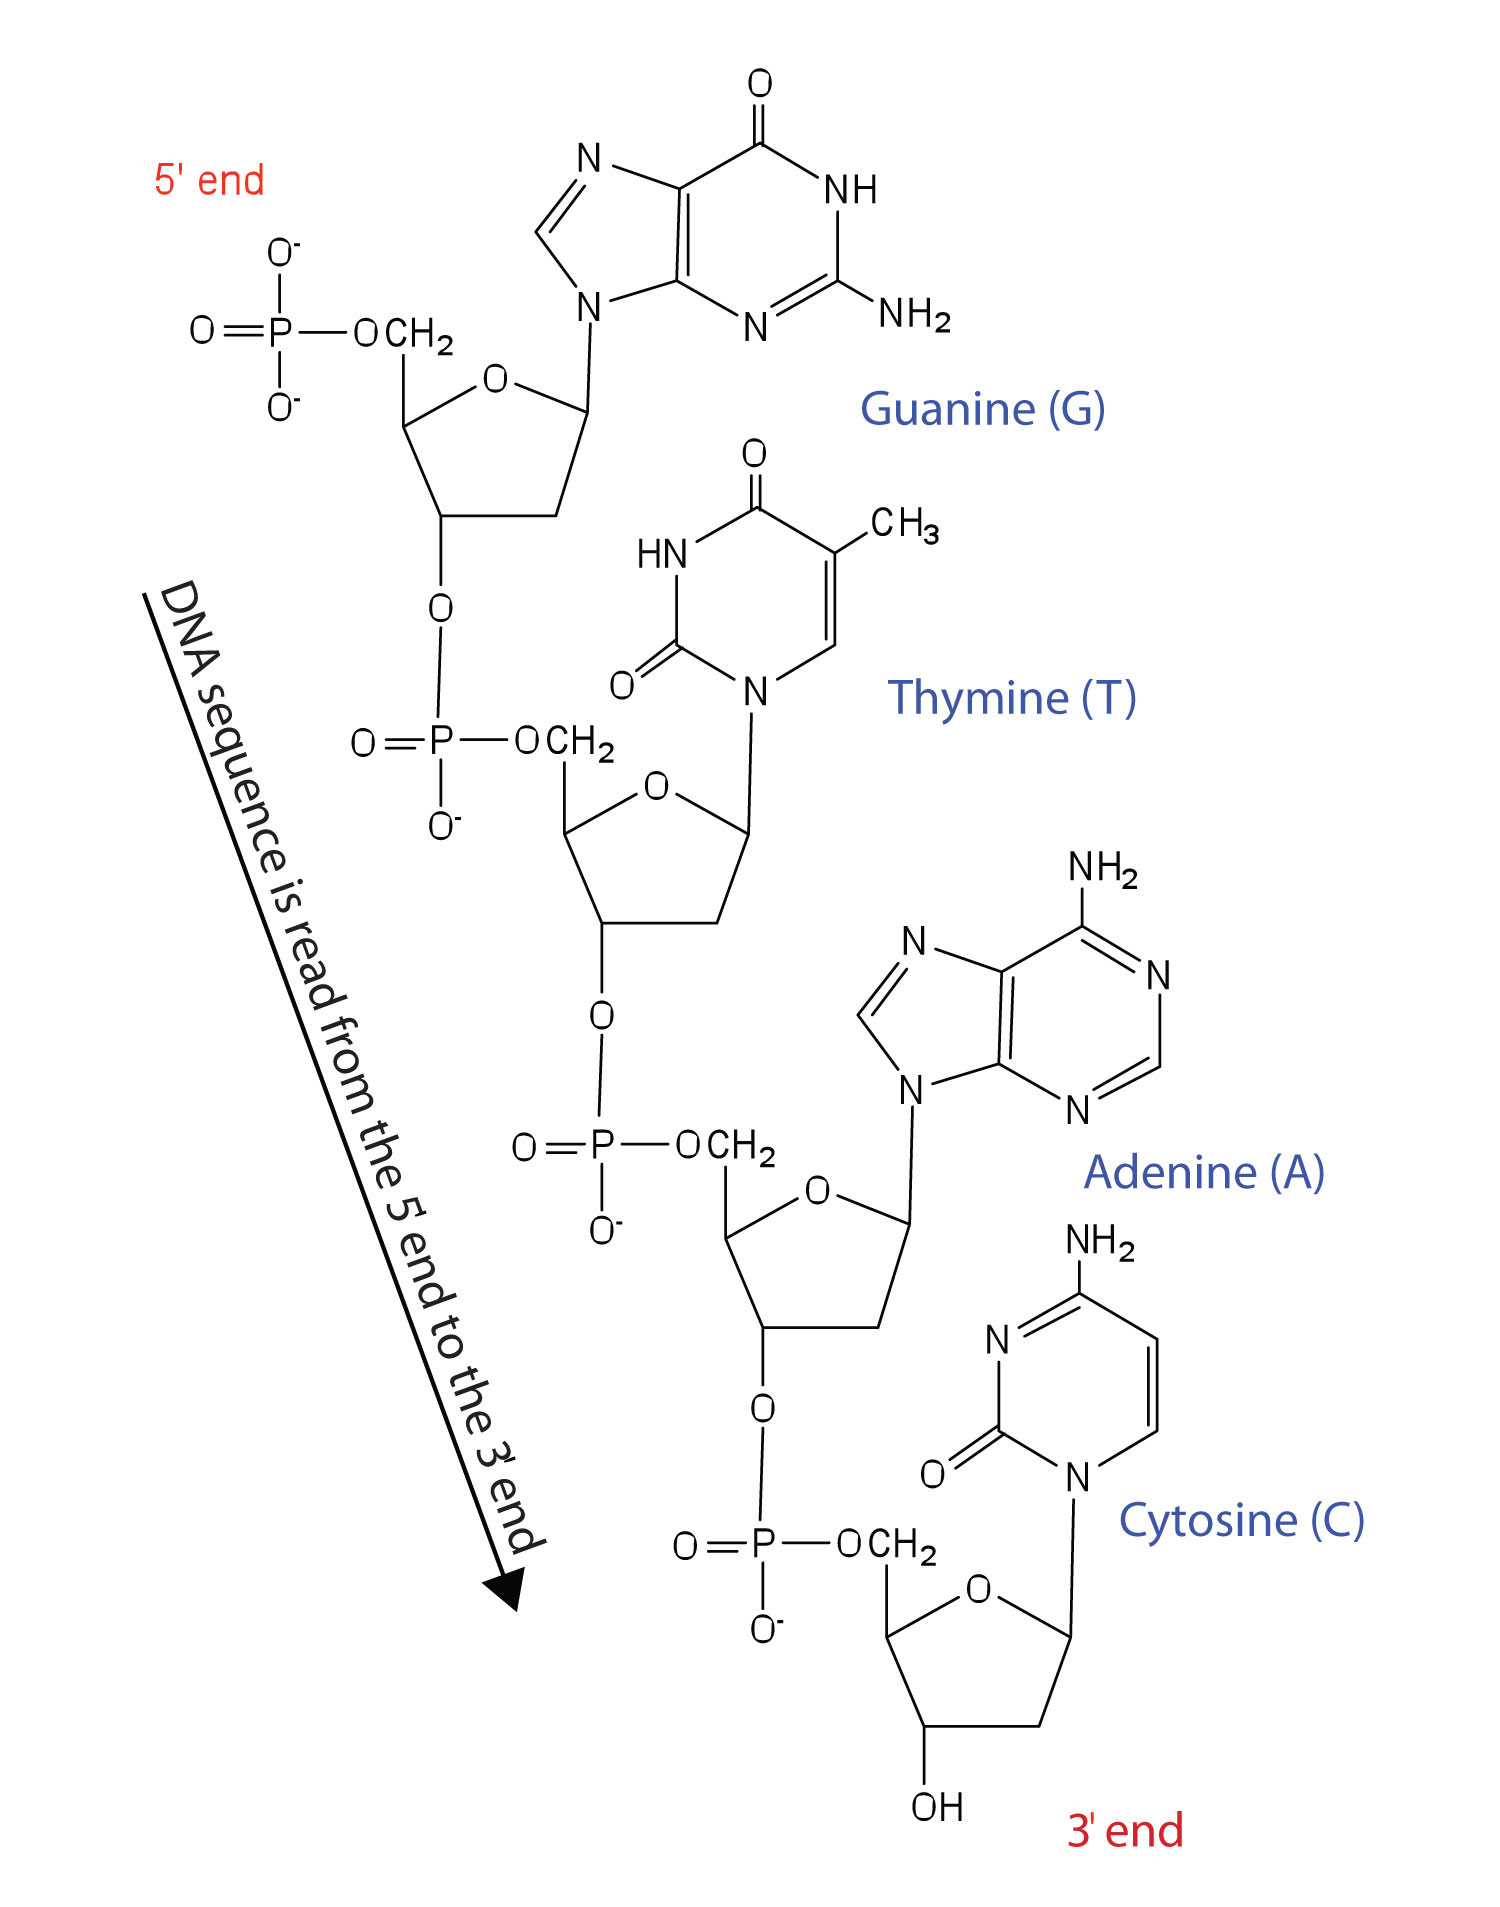 Dna rna nucleotides homework help